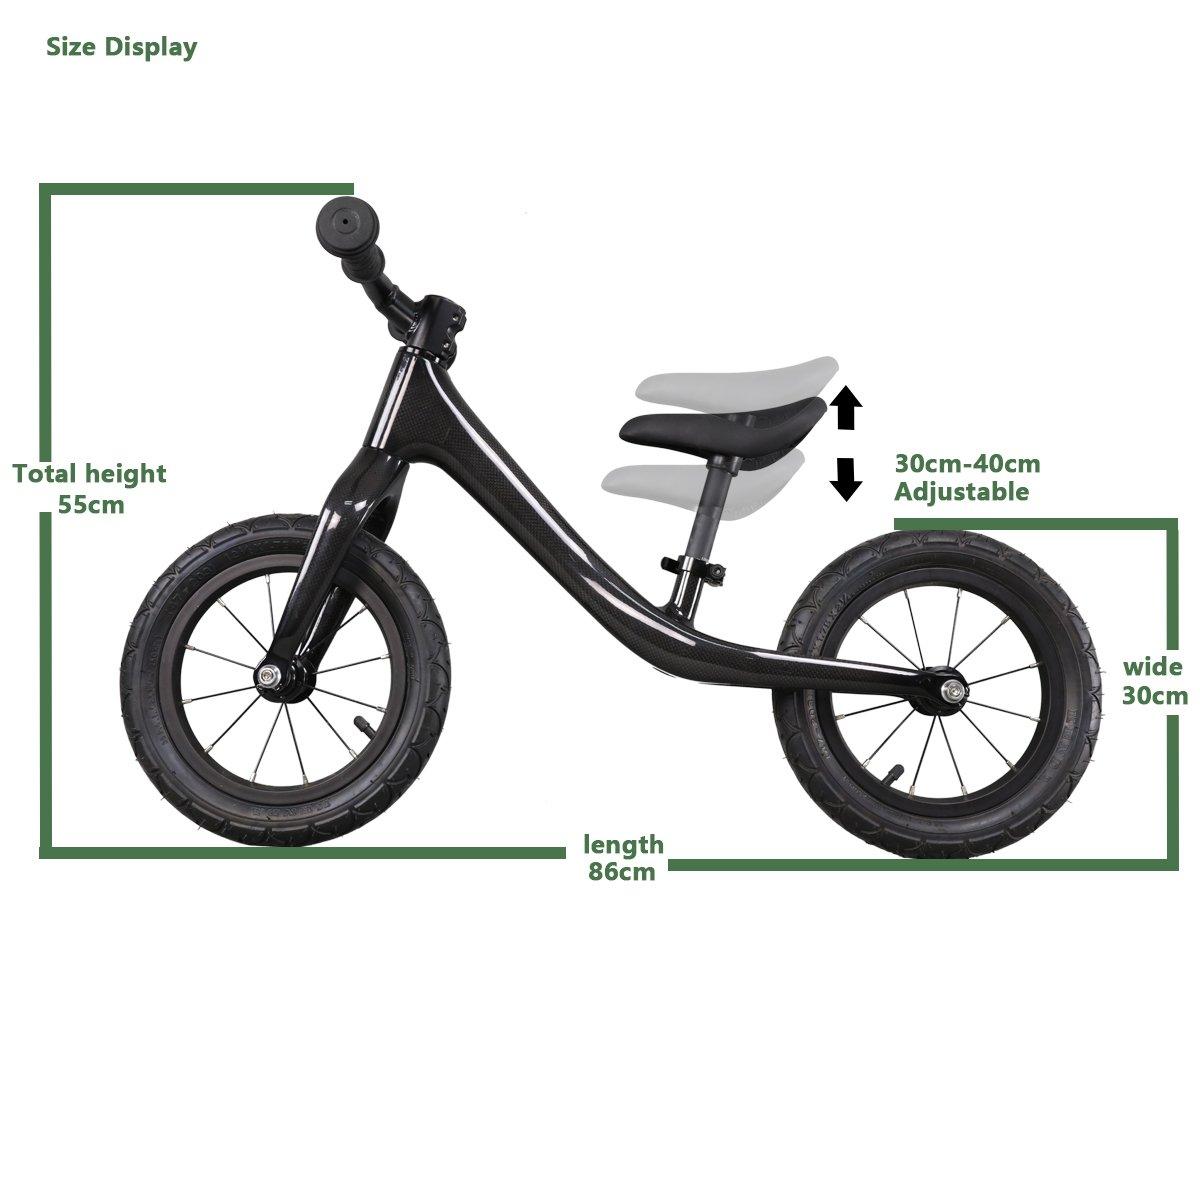 ICAN No-Pedal Carbon Balance Bike Kids Balance Walking Bicycle Age to 2-4 Years Kids